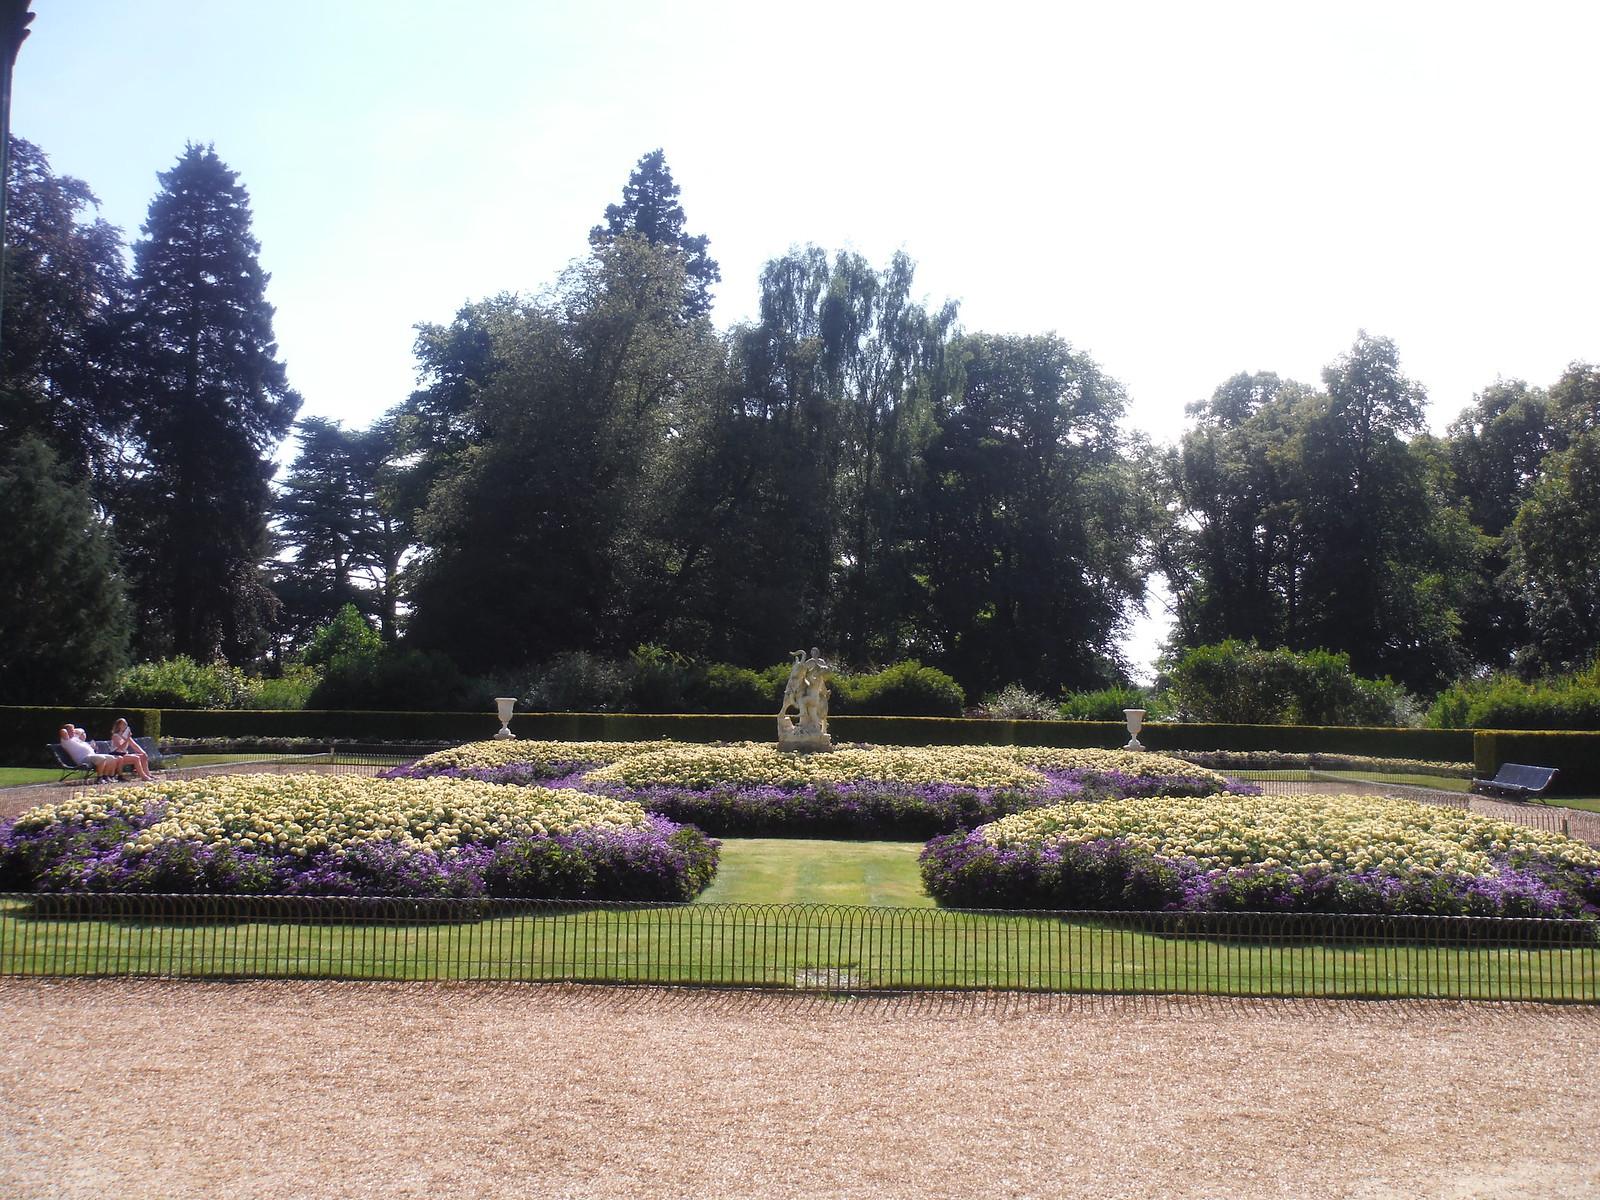 Flowerbeds by Aviary, Waddesdon Manor Gardens SWC 192 Haddenham to Aylesbury (via Waddesdon)